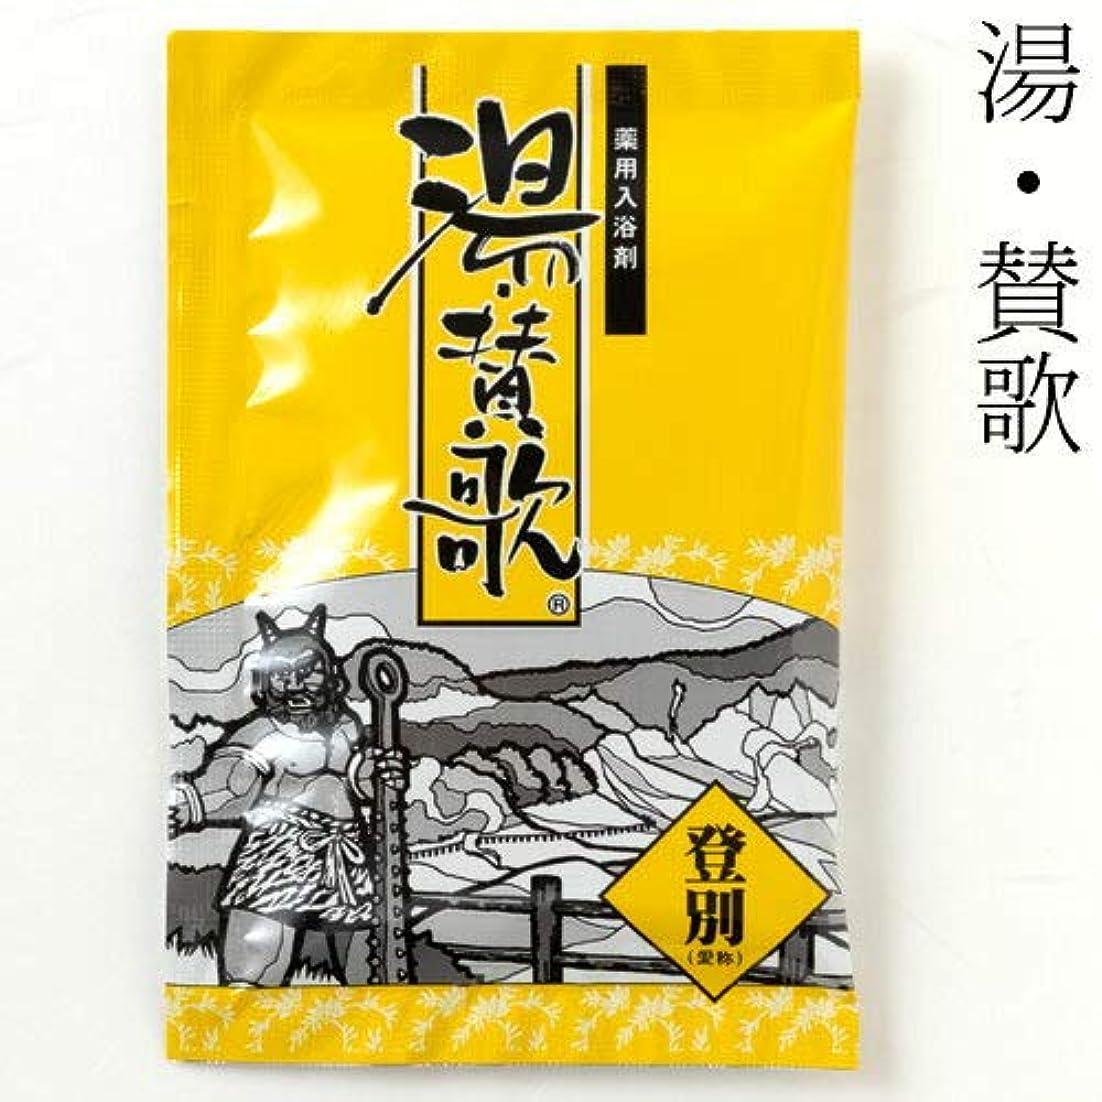 入浴剤湯?賛歌登別1包石川県のお風呂グッズBath additive, Ishikawa craft